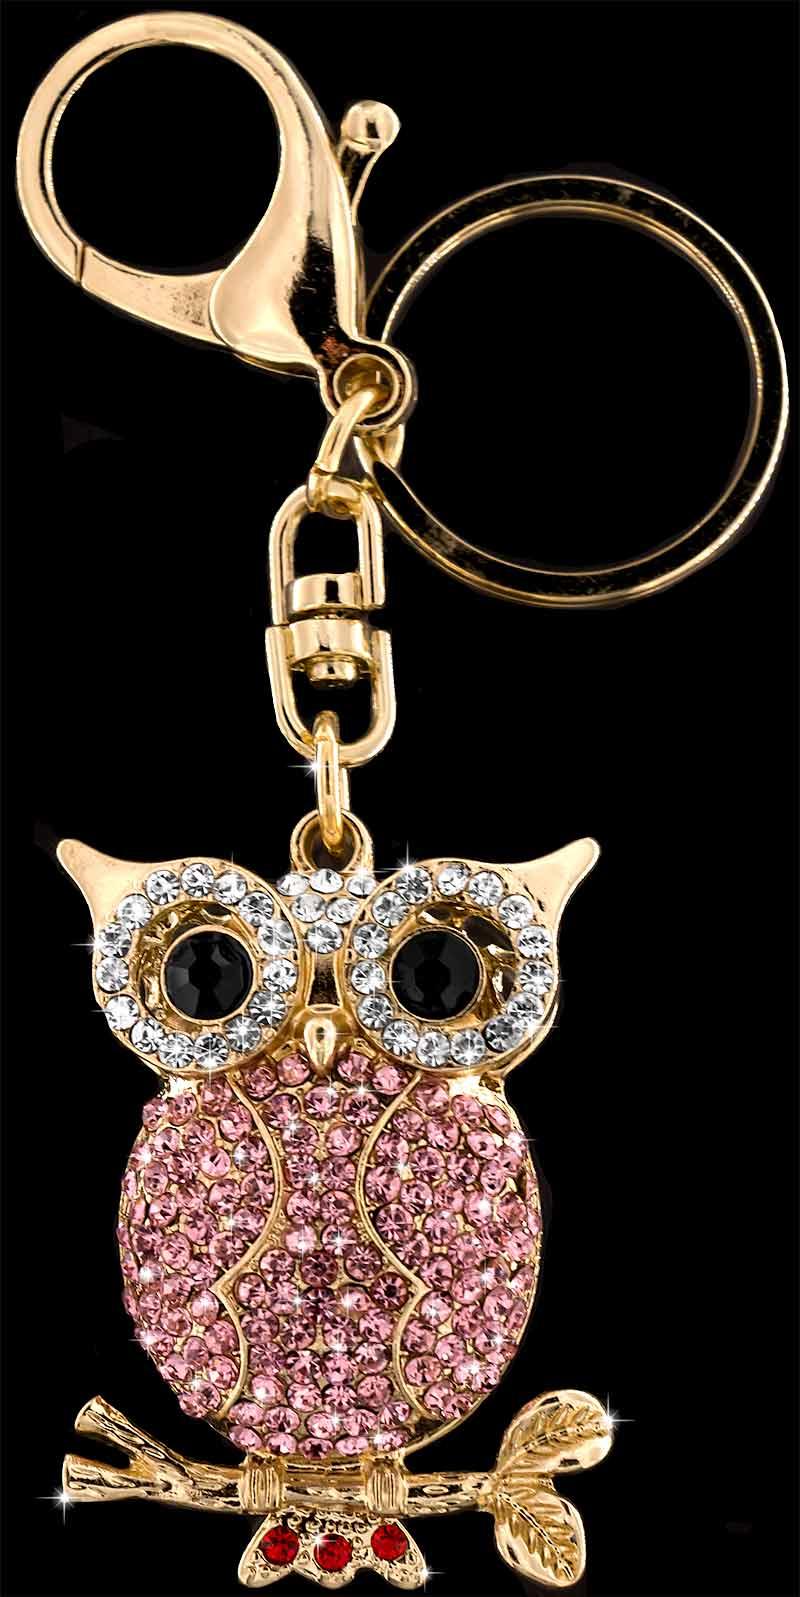 Anhänger Eule goldfarben mit vielen weissen, rosa und roten Strass Steinen Schlüsselanhänger Taschenanhänger AH08